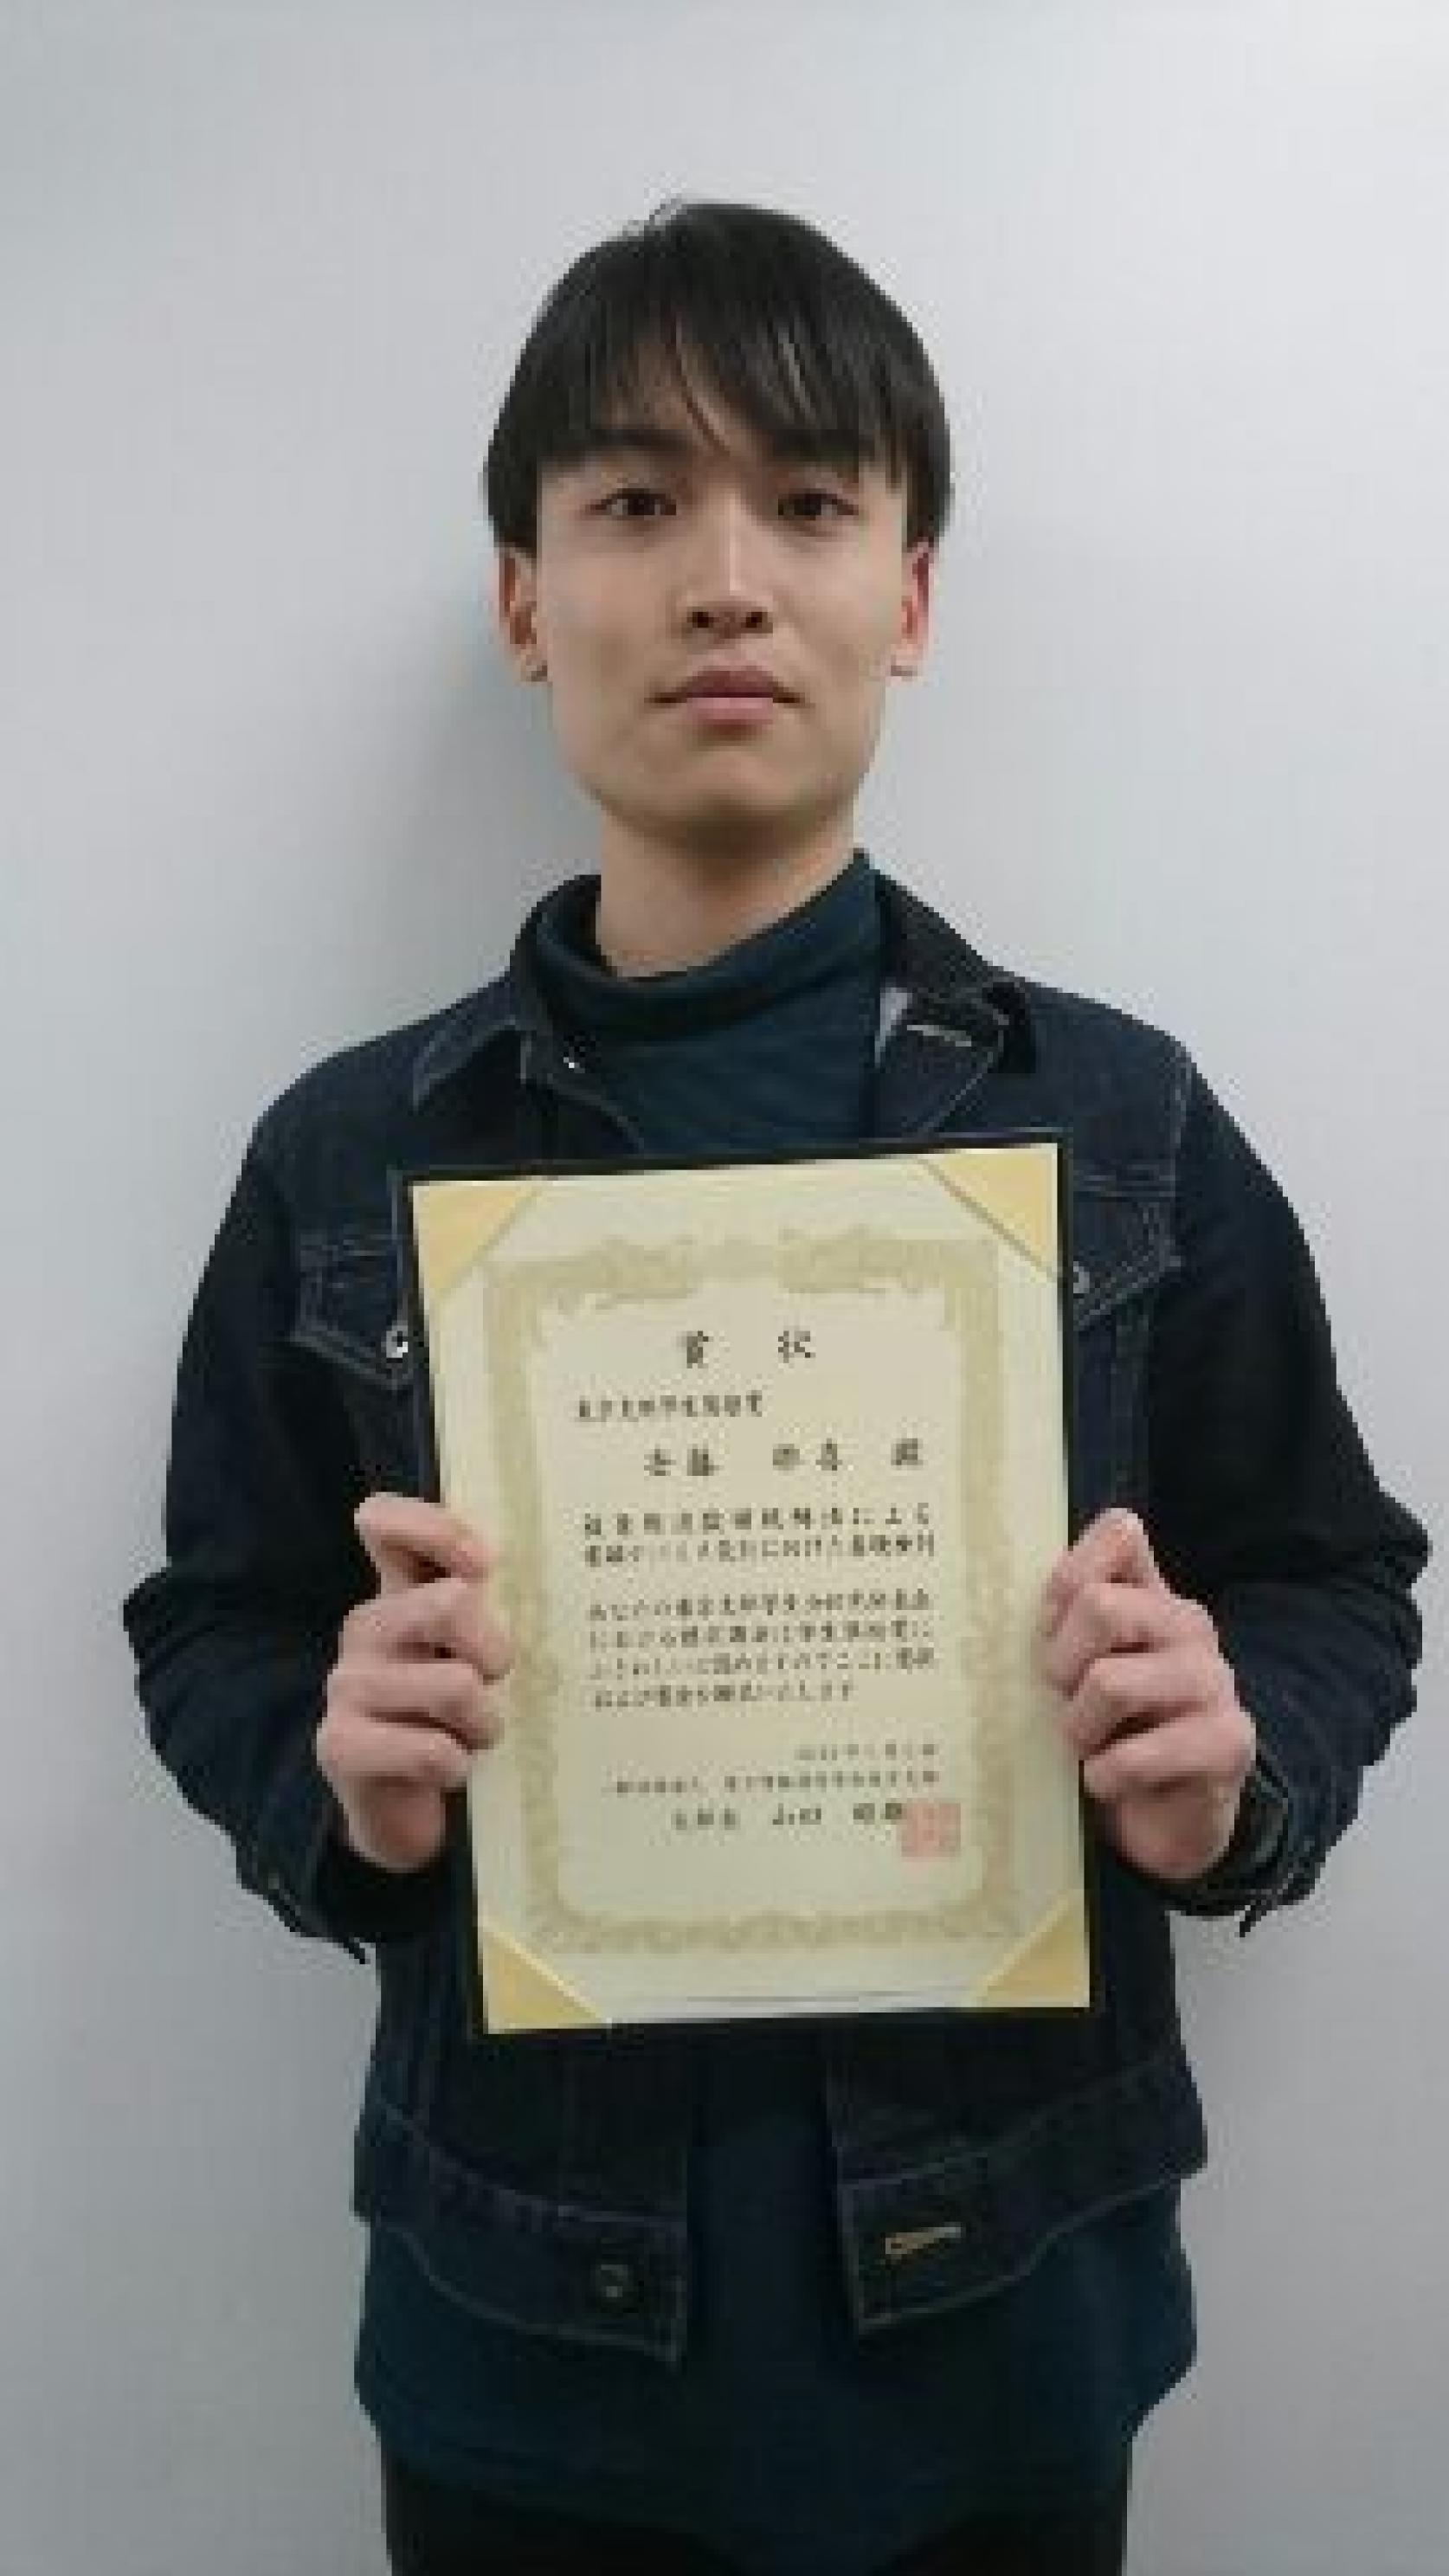 電気工学科4年生の安藤雄喜さんが「電子情報通信学会 東京支部 学生会主催の第24回研究発表会」において、学生奨励賞を受賞しました。